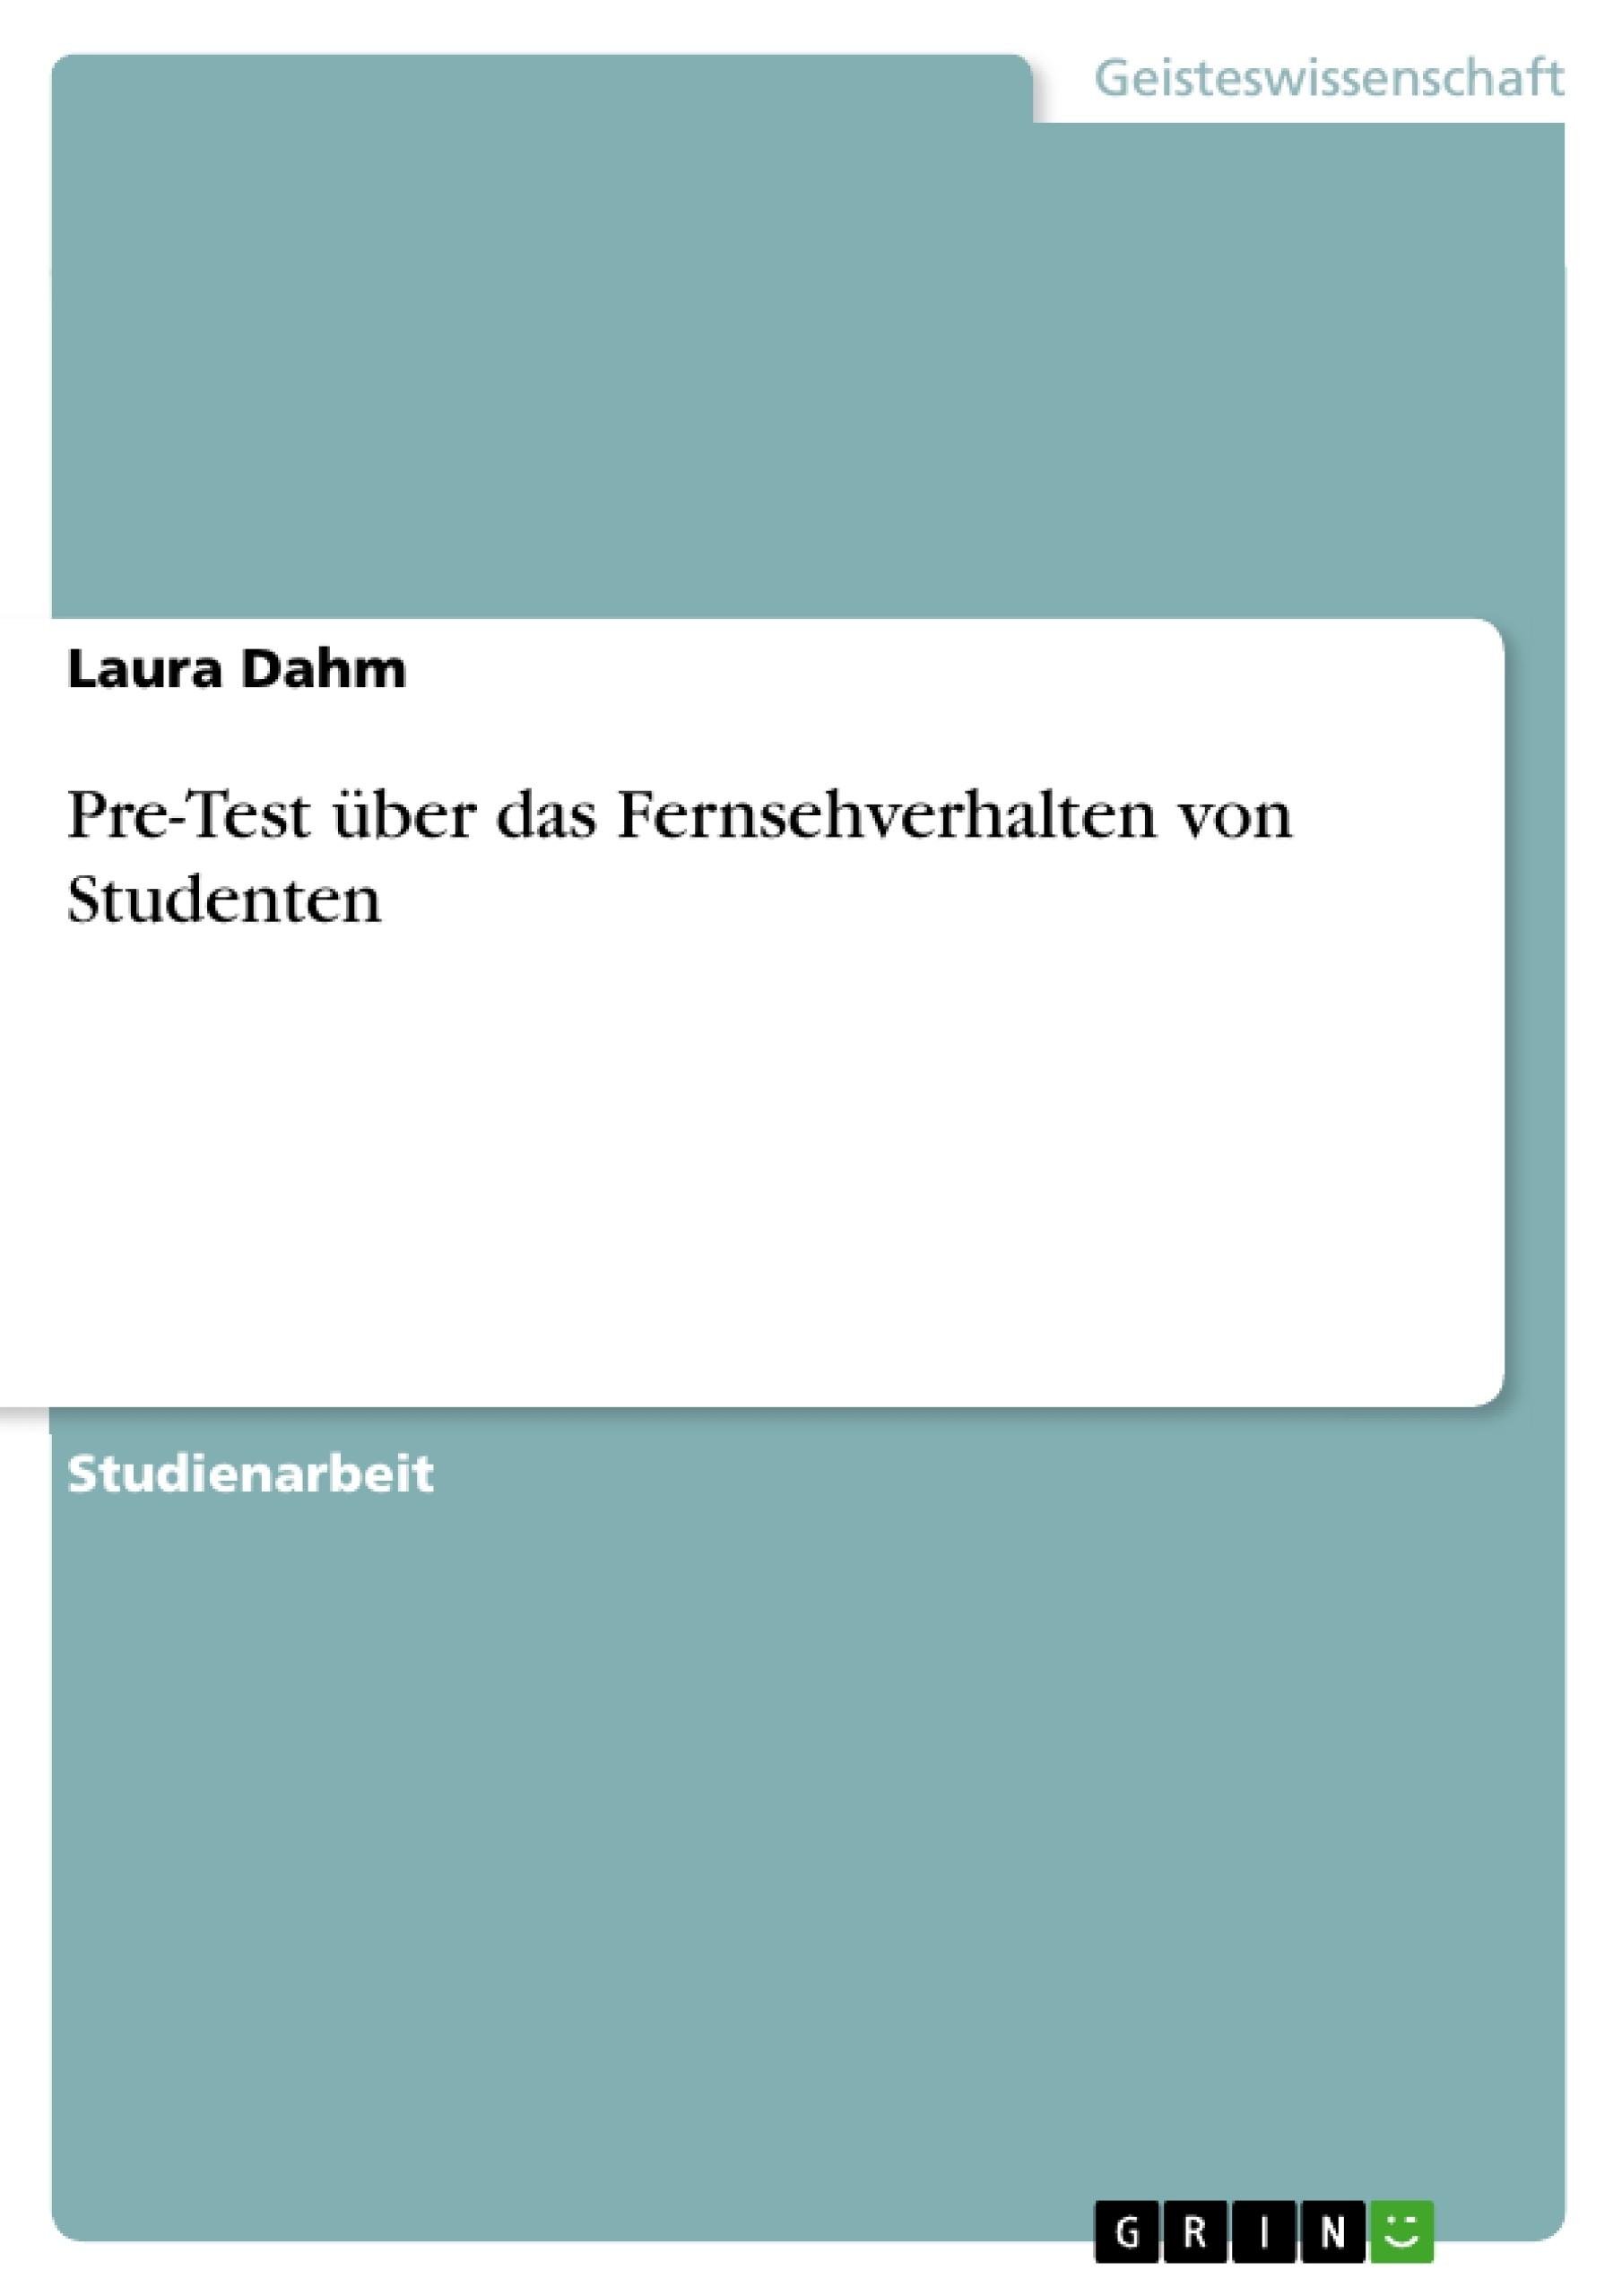 Titel: Pre-Test über das Fernsehverhalten von Studenten